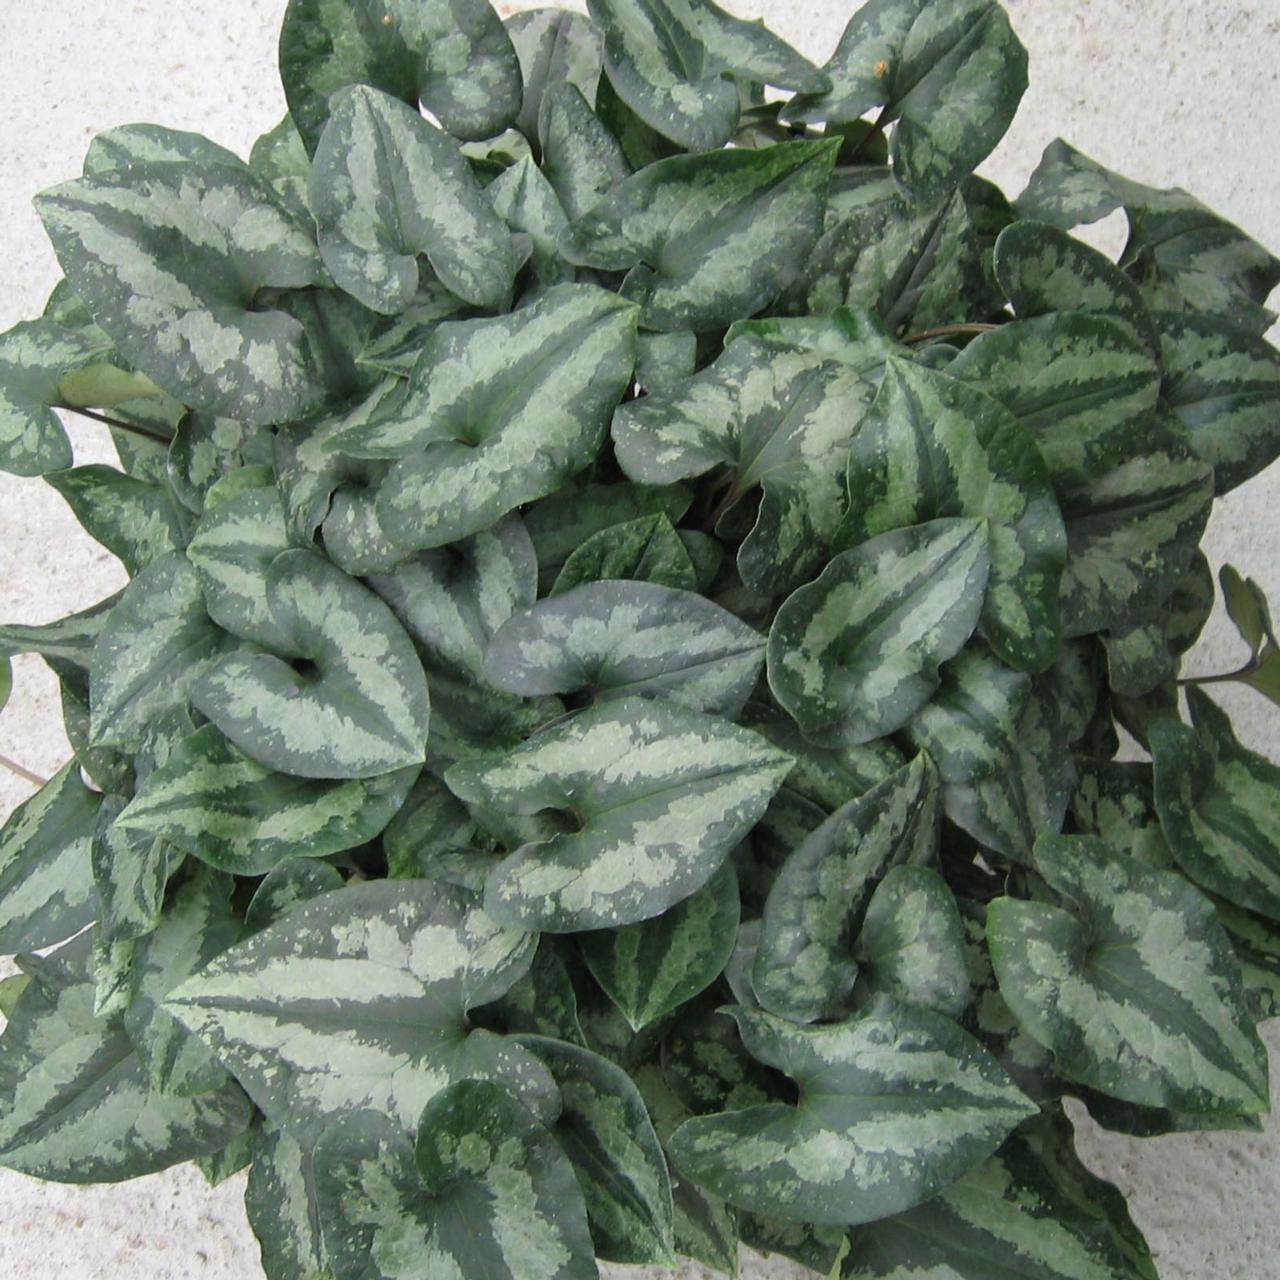 Asarum splendens plant